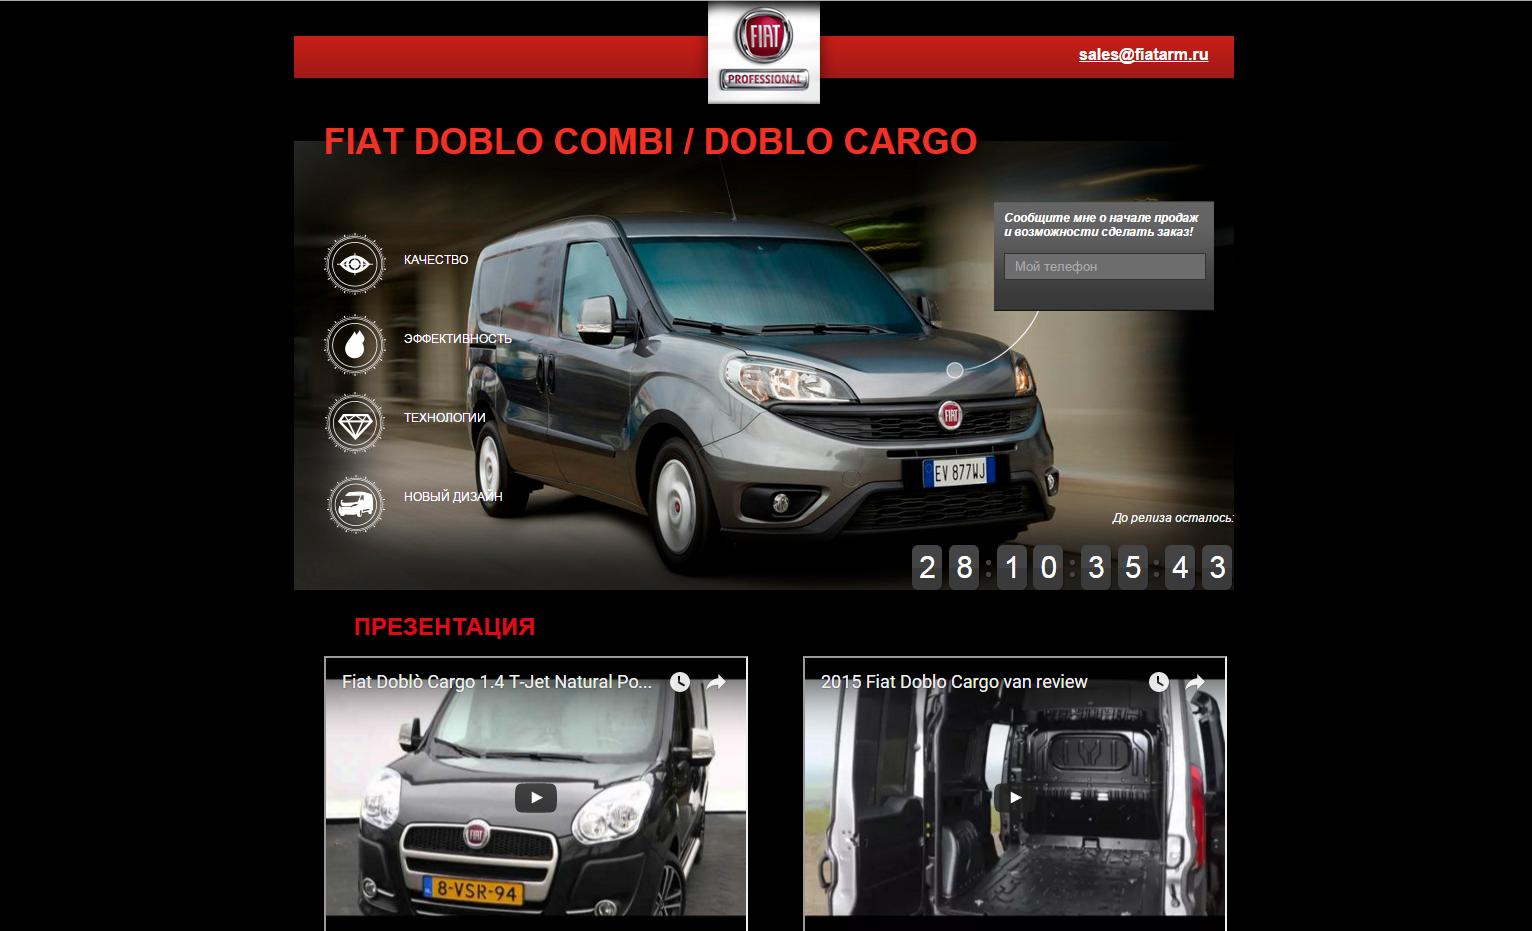 Сайт по акции FIAT Doblo - изображение 1